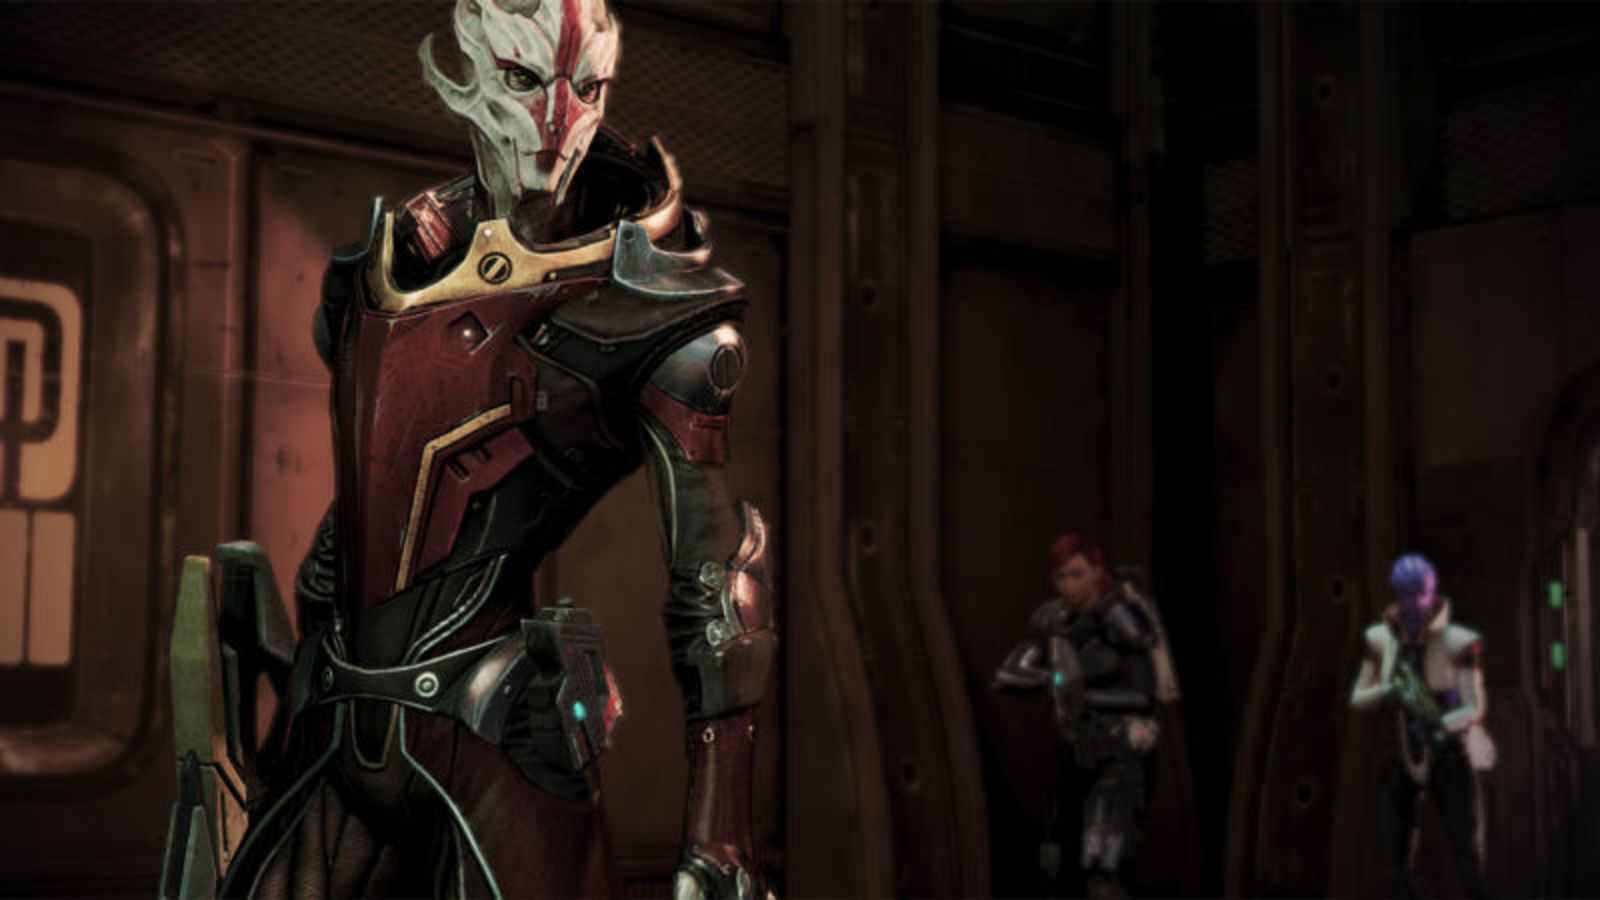 Почему игра «Mass Effect: Andromeda» получилась такой, как получилась: разработчики рассказывают о проблемах - 1